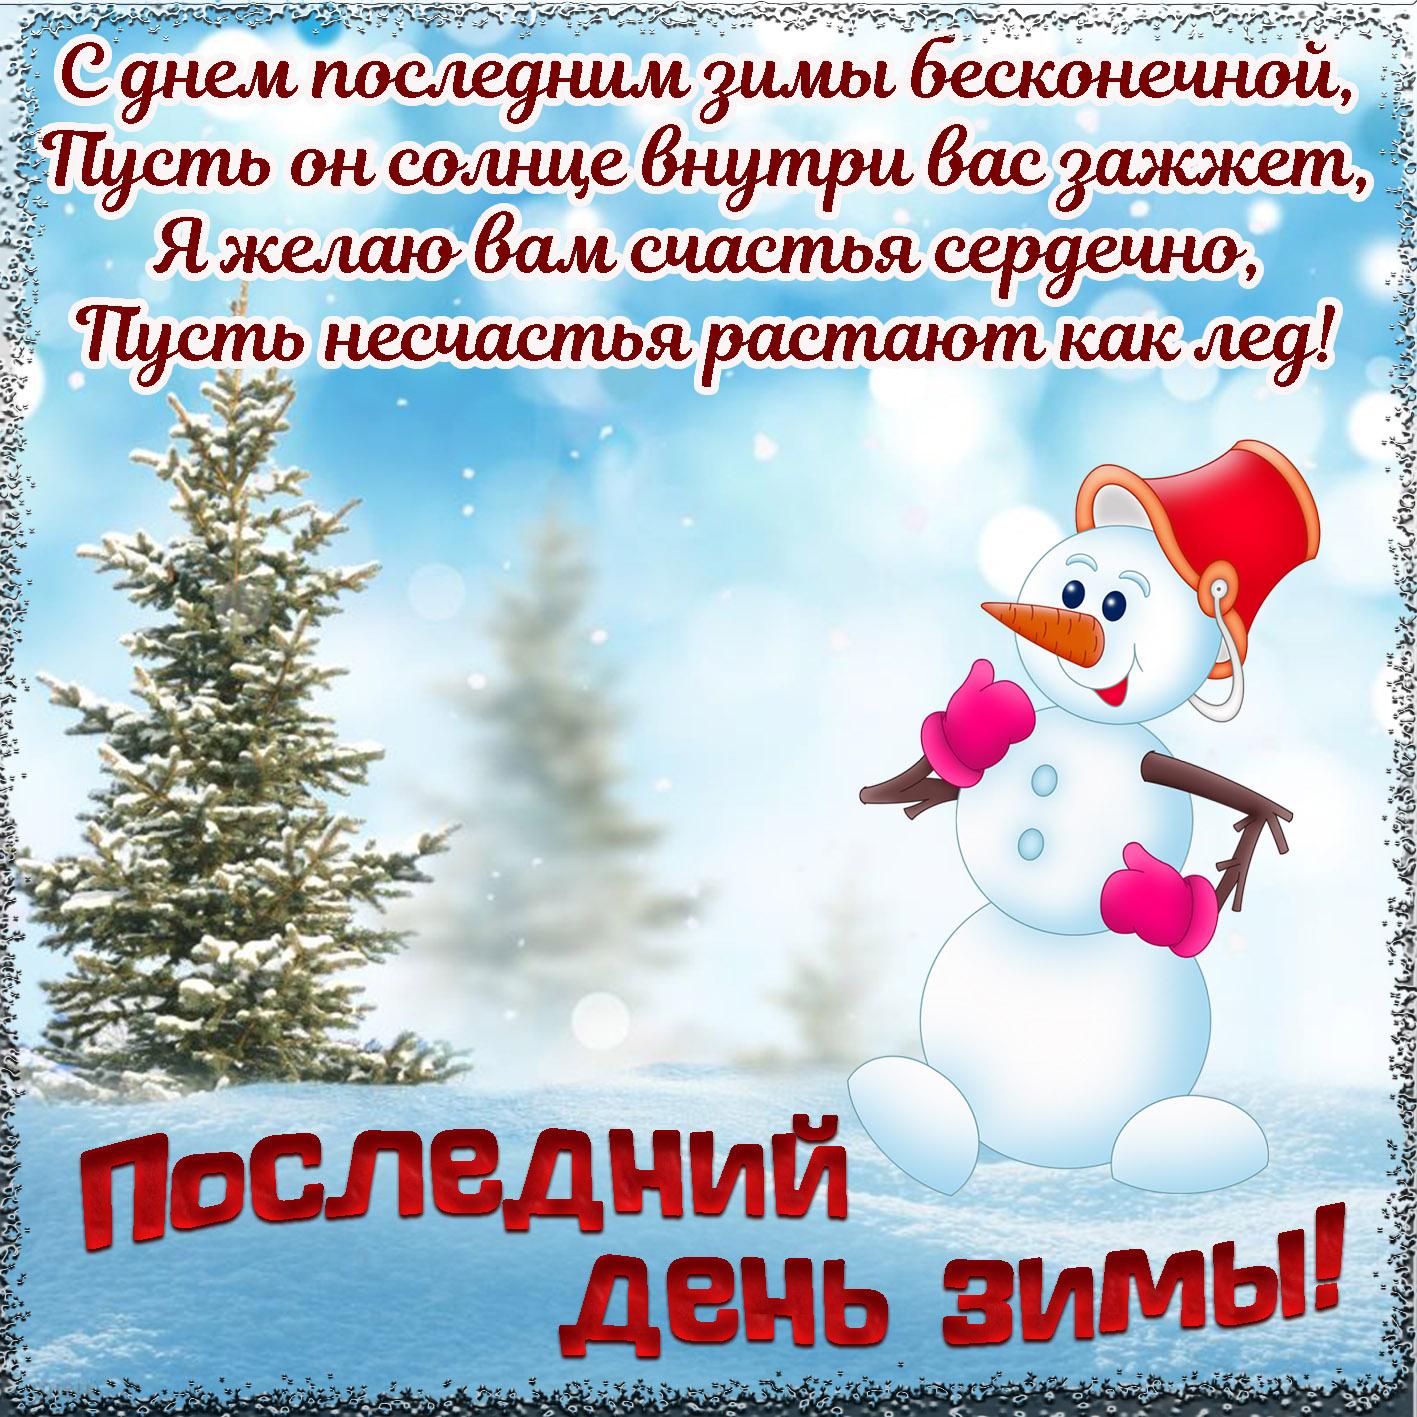 Картинки по запросу с последним днём зимы